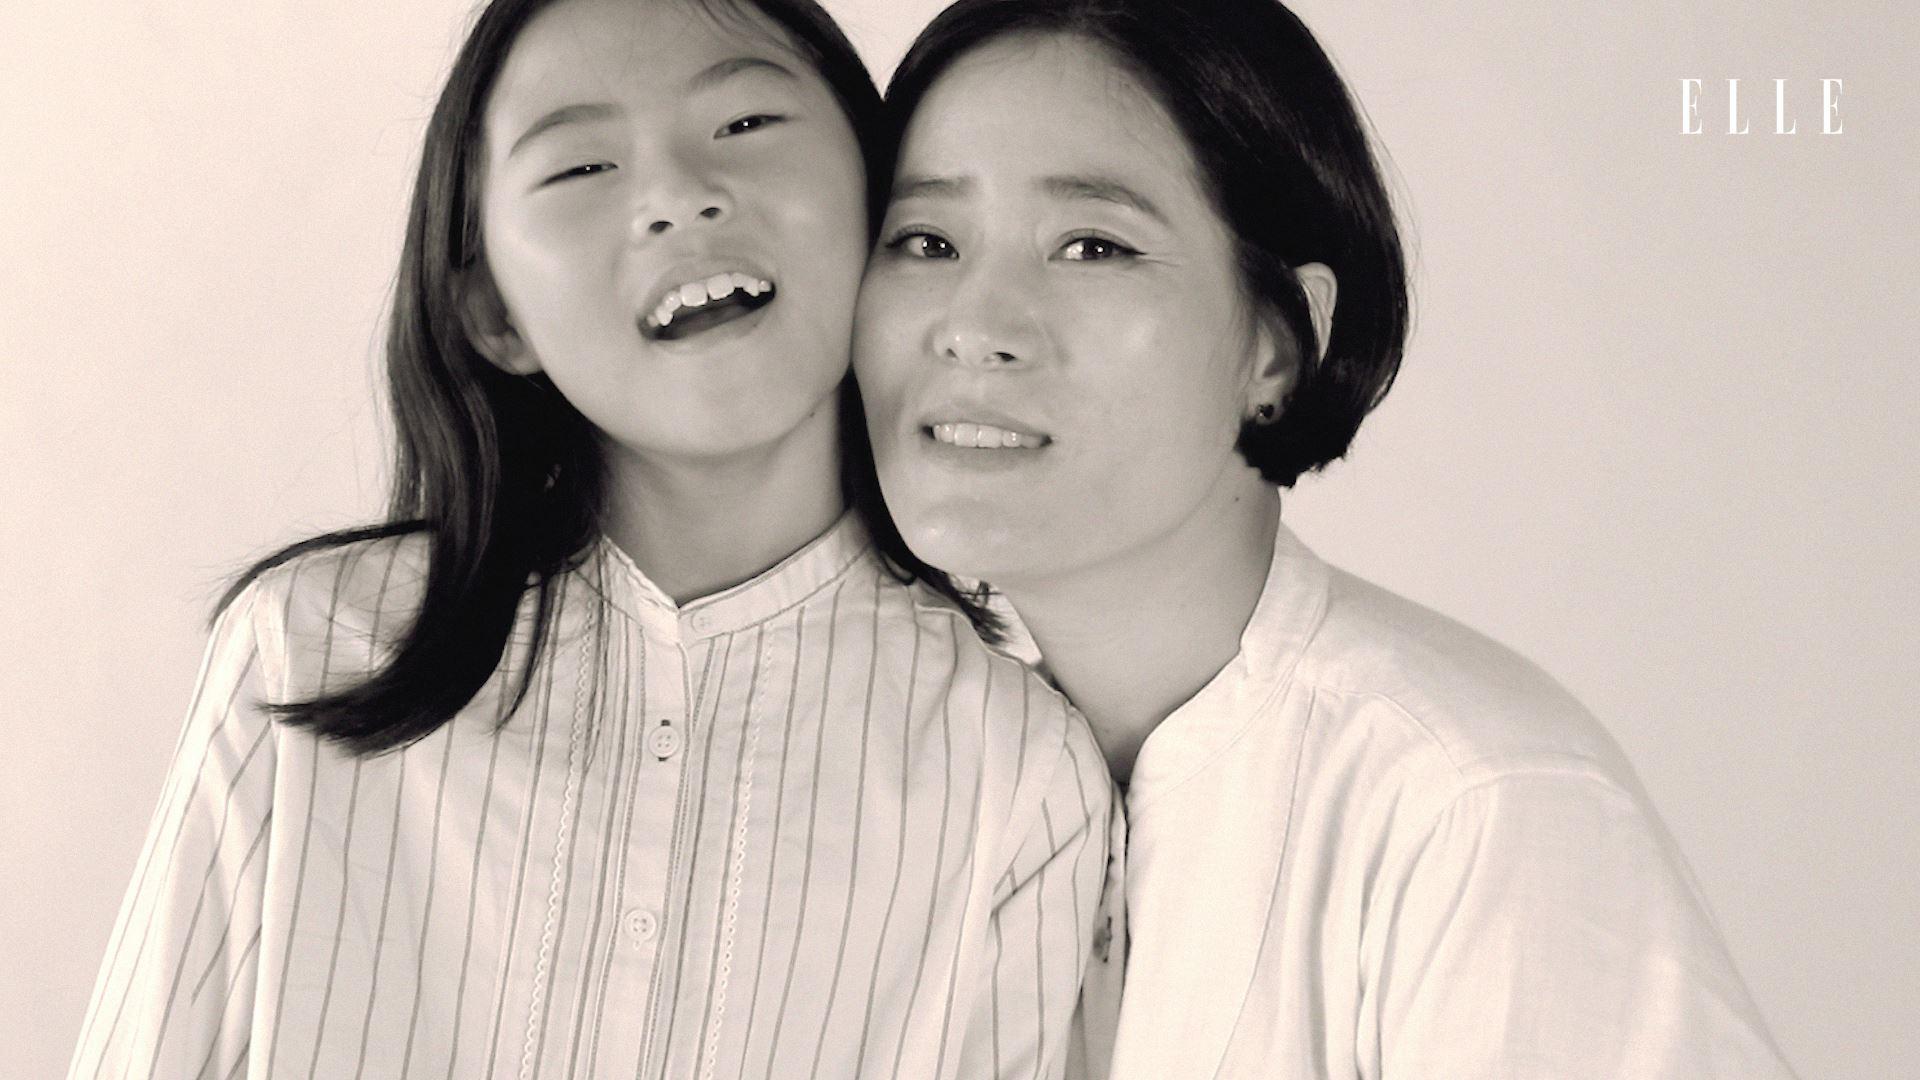 한 해 한 해 지날수록 친한 친구가 돼가는 엄마 김윤미와 딸 시우.